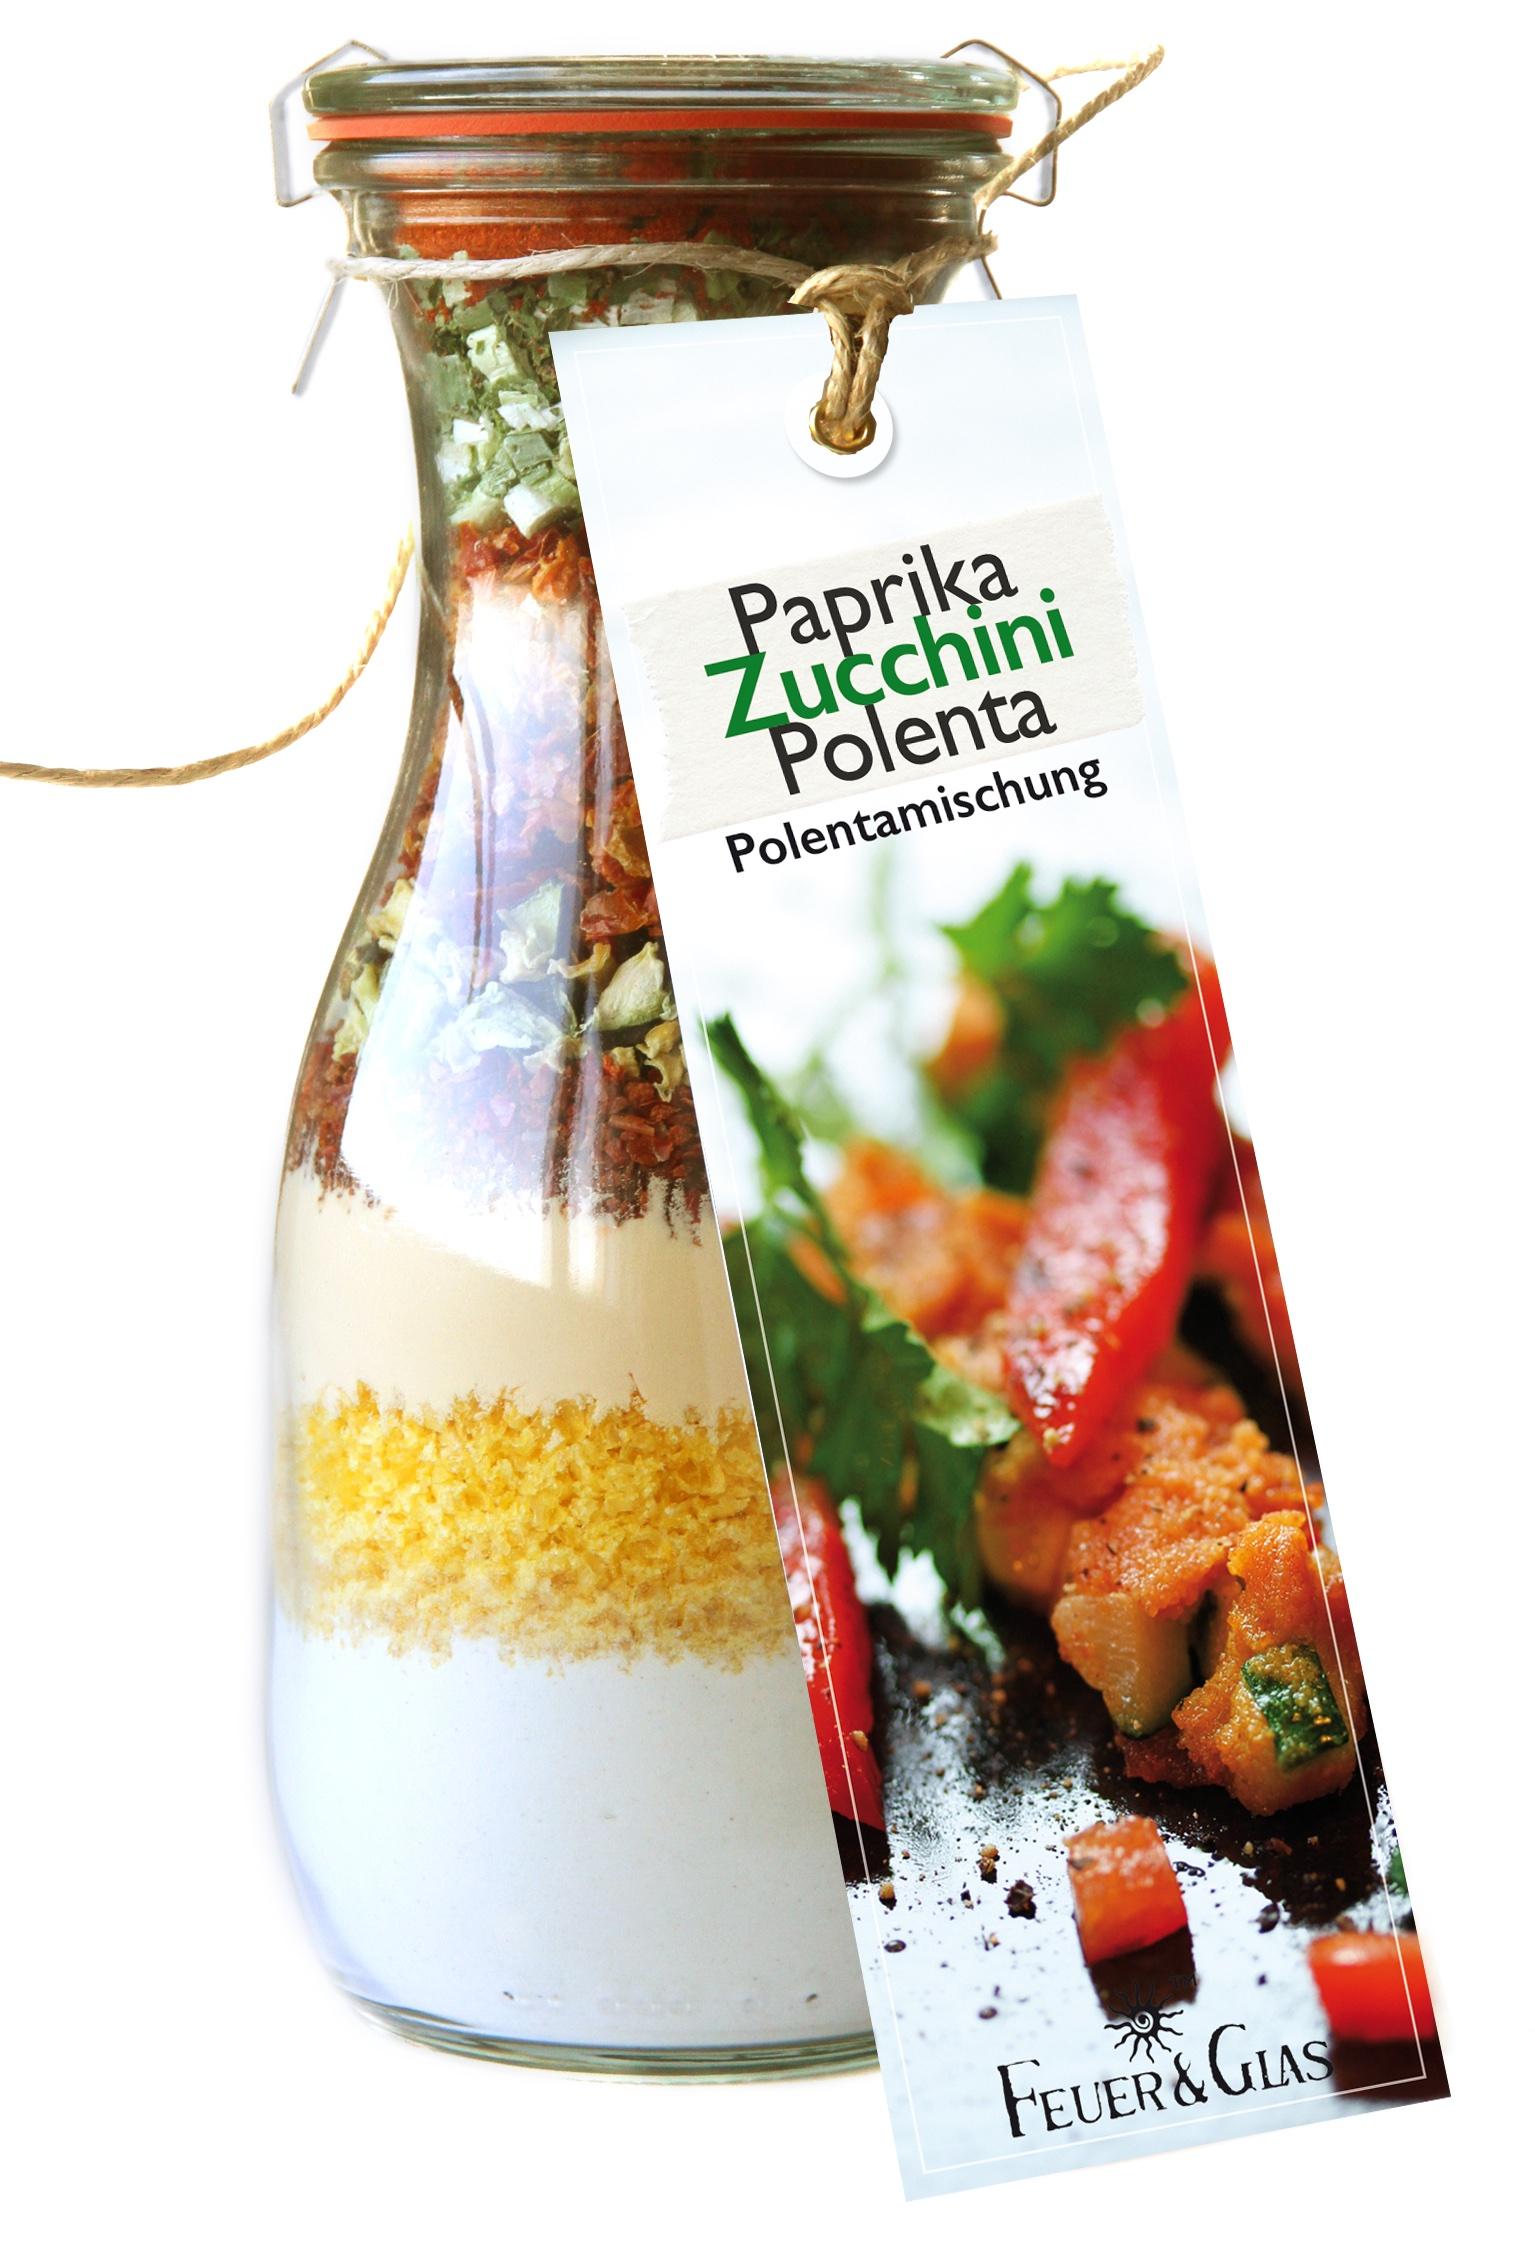 Paprika Zucchini Polenta  in der Weckflasche 500ml